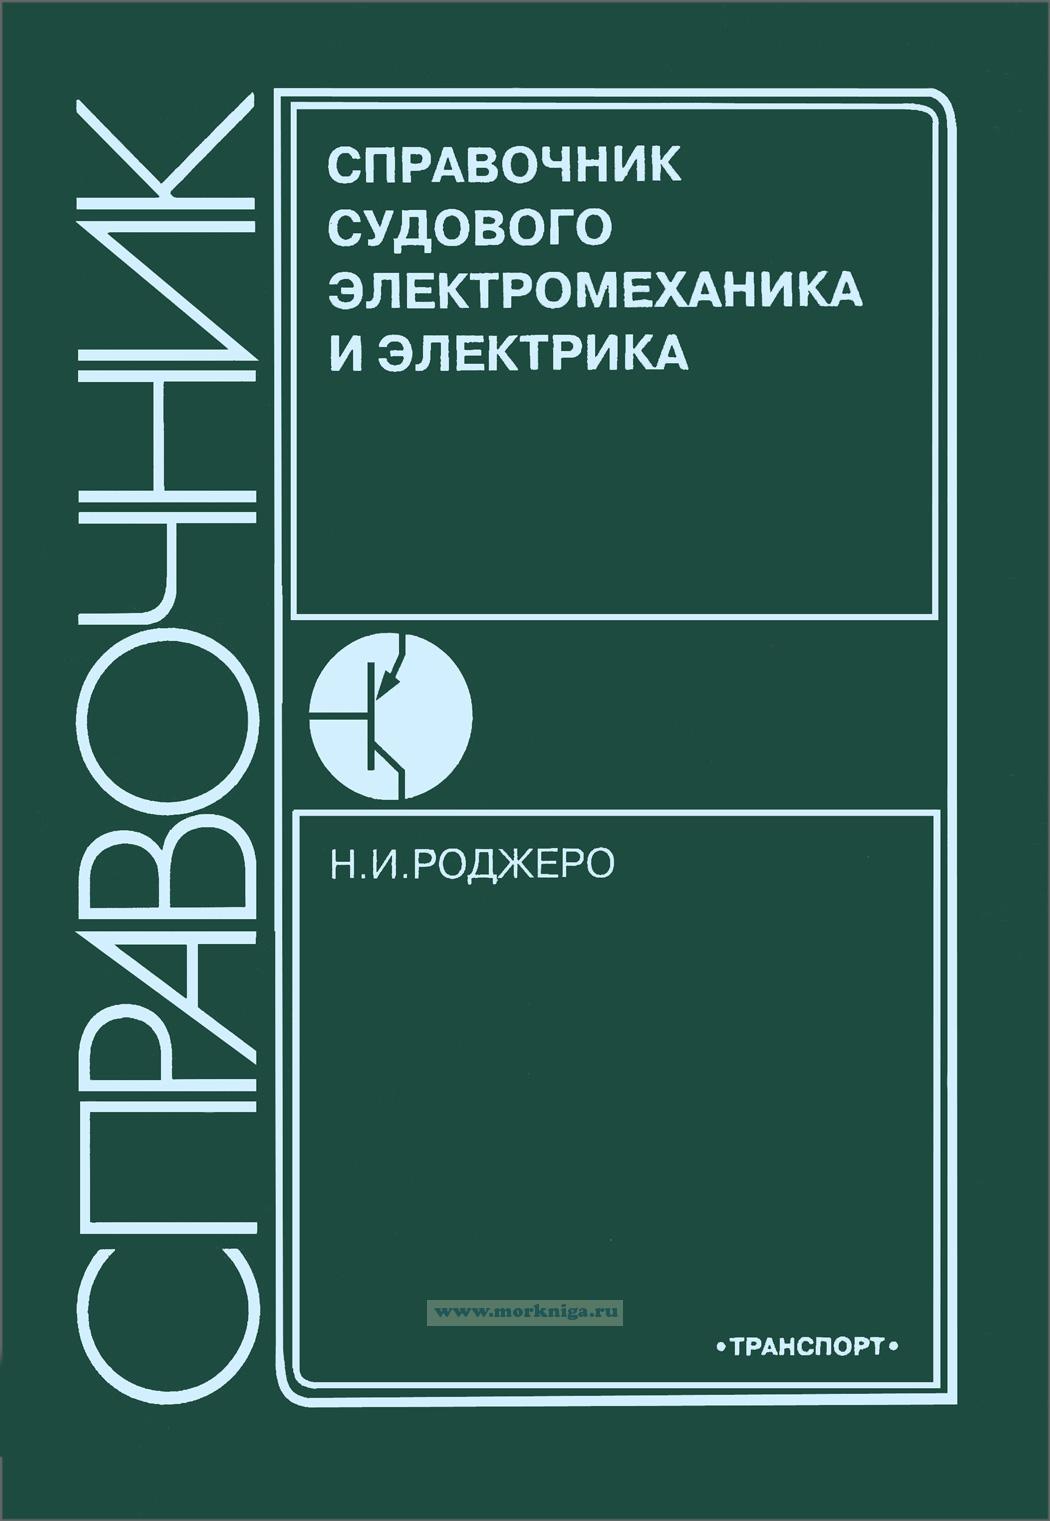 Справочник судового электромеханика и электрика